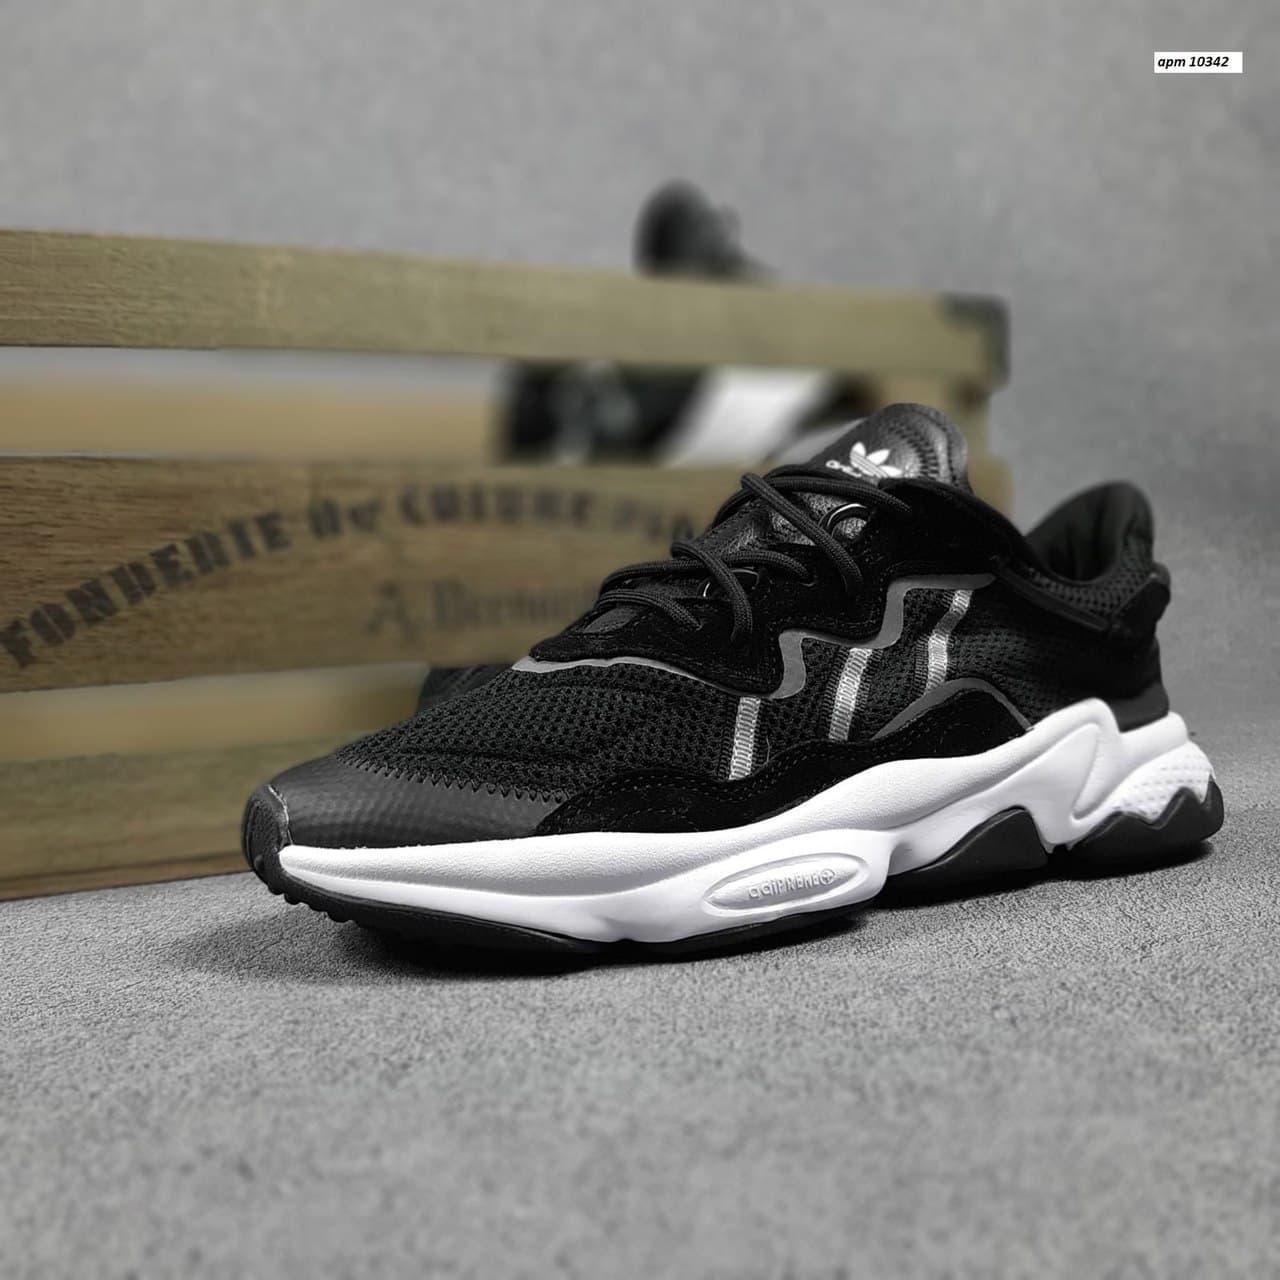 Мужские кроссовки Adidas Ozweego (черные с белым) 10342 крутые спортивные кроссы